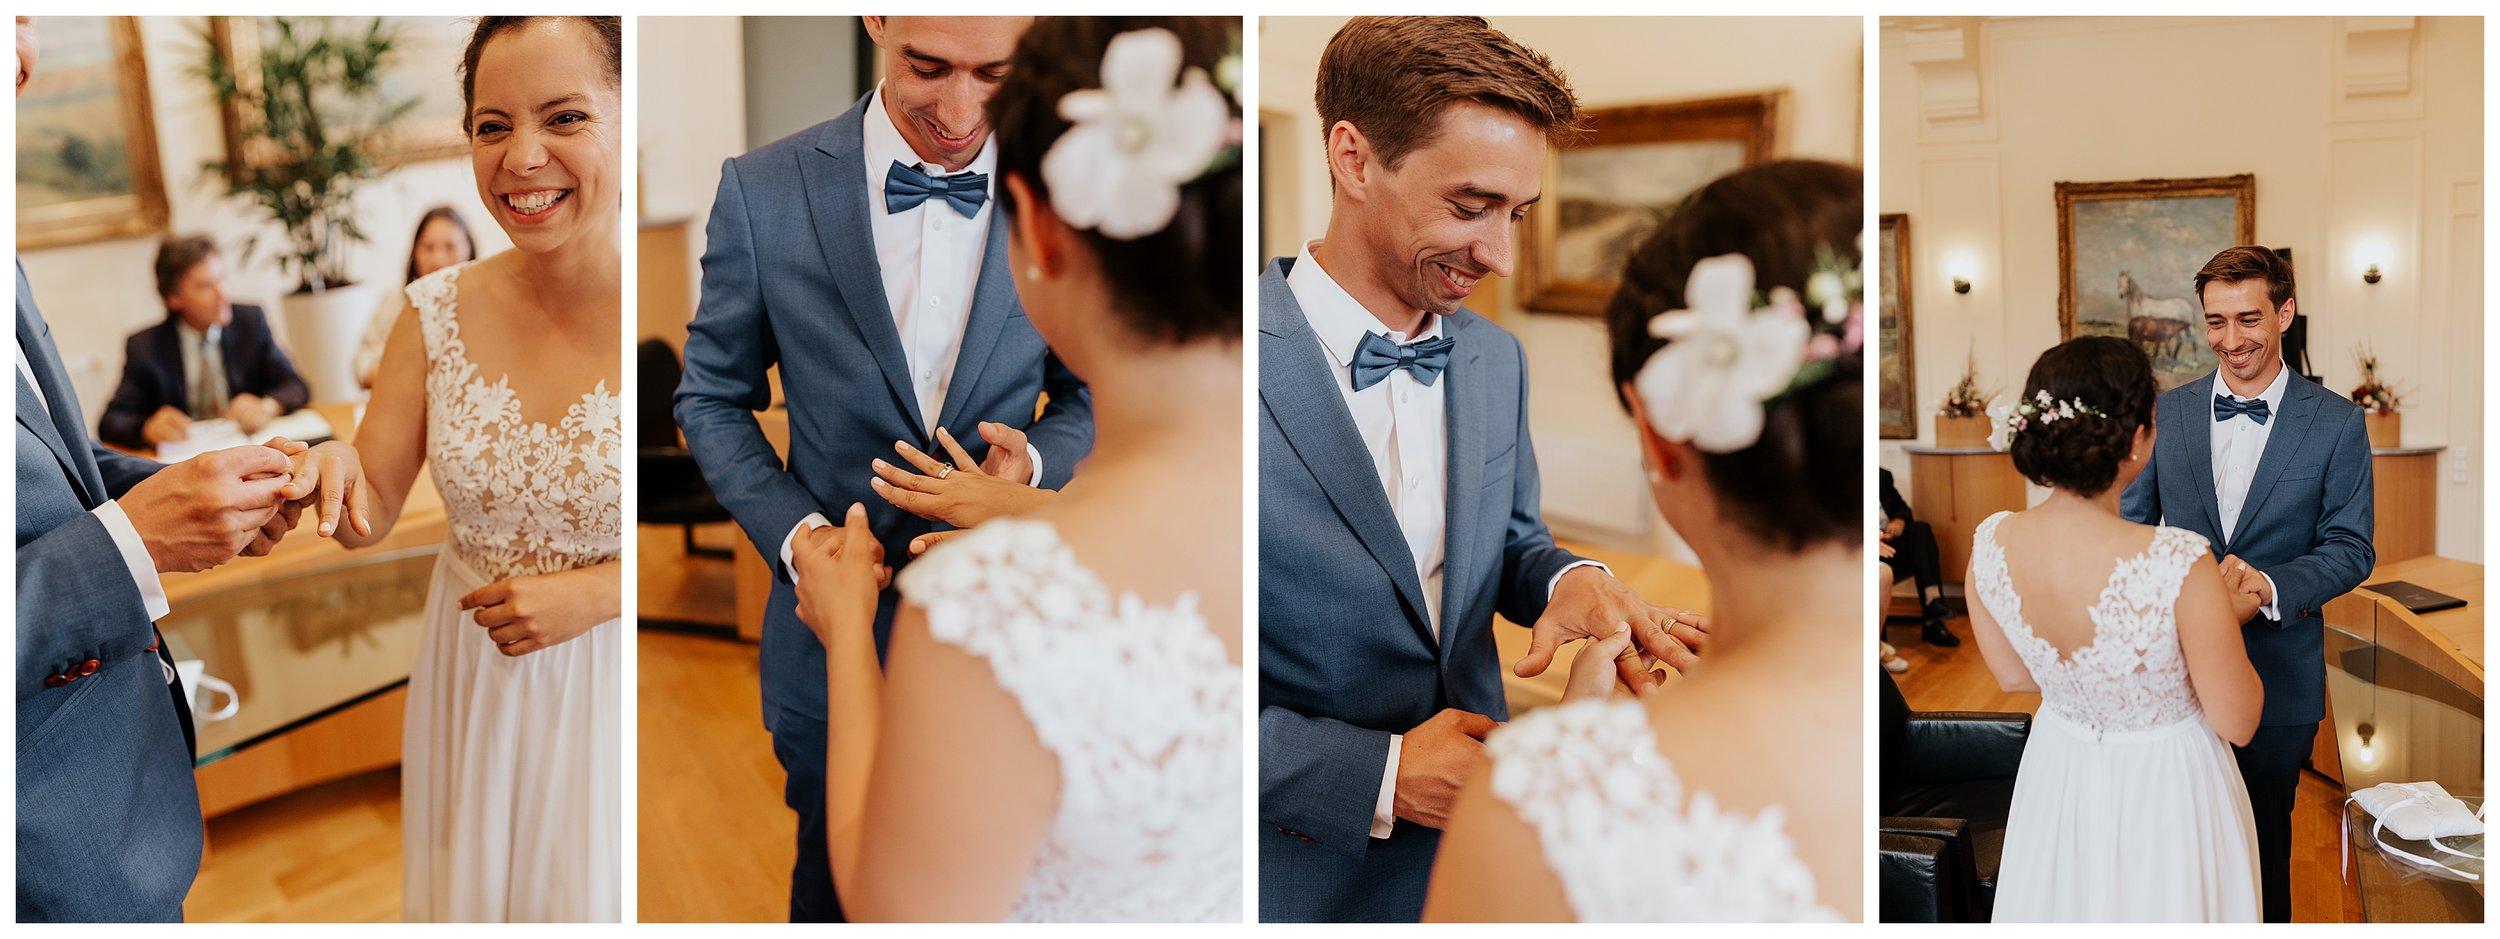 huwelijksfotograaf-huwelijksfotografie-knokke-heist-lisa-helsen-photography-trouwfotograaf-trouwfoto-sabine-pieter_0007.jpg